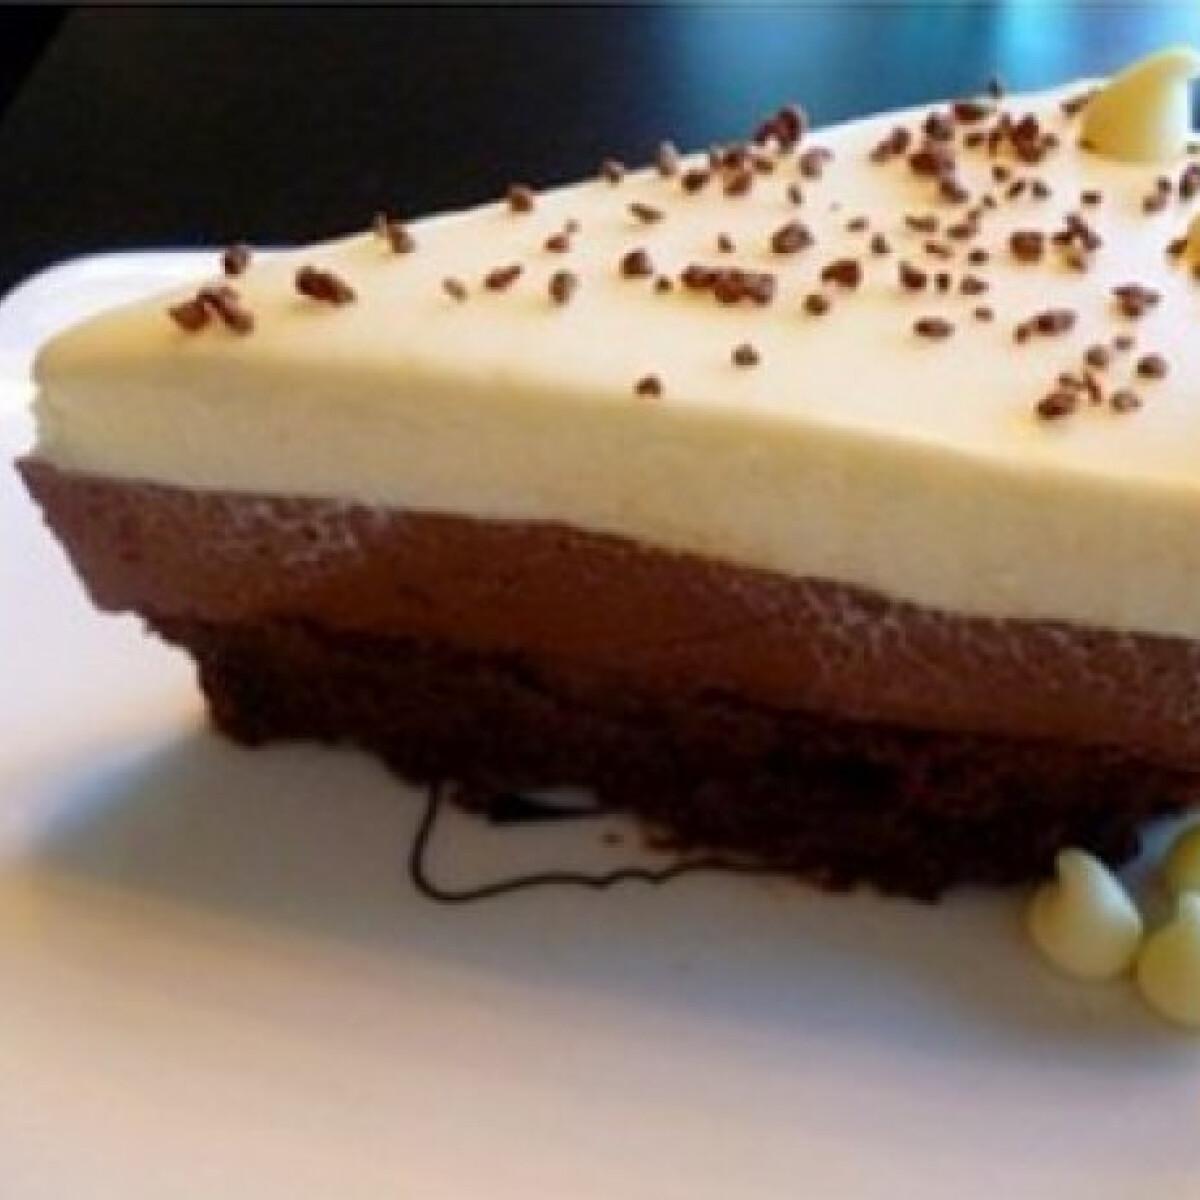 Ezen a képen: Csokoládé mousse torta Cilantro konyhájából